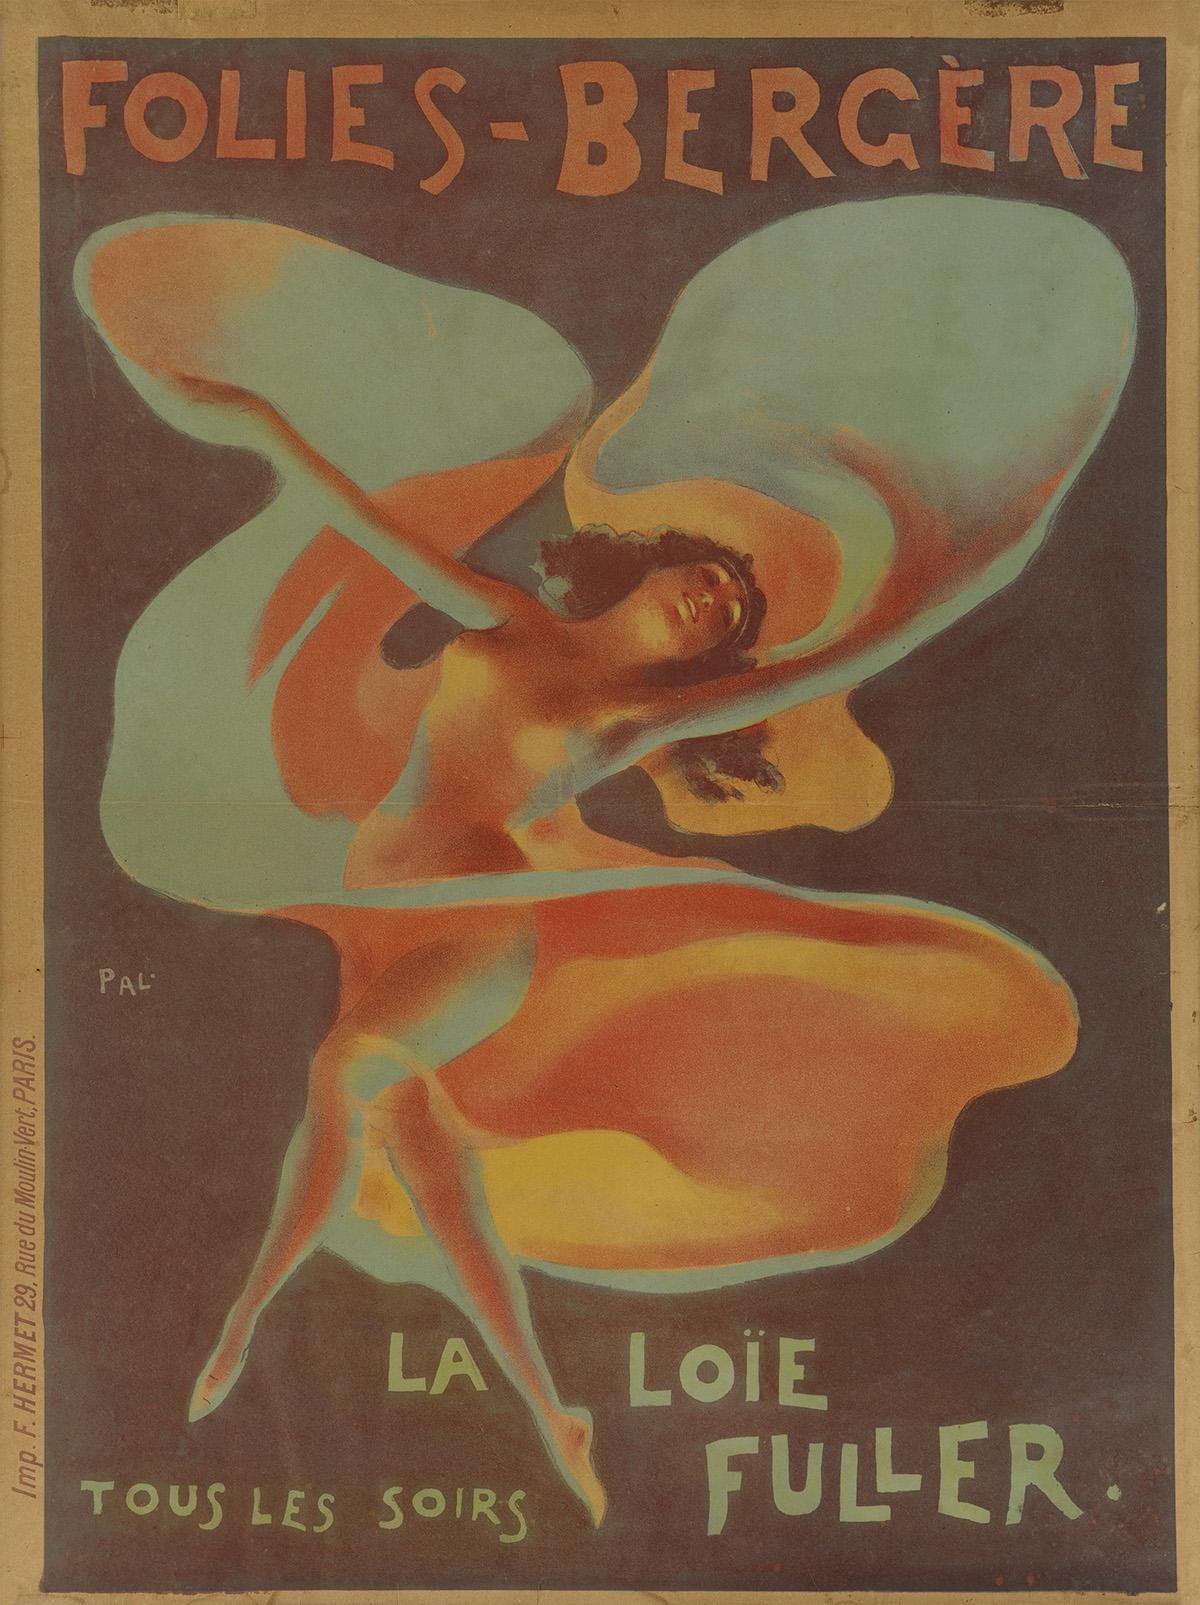 PAL (JEAN DE PALÉOLOGUE, 1860-1942). FOLIES - BÈRGERE / LA LOÏE FULLER. 1897. 31x23 inches, 78x59 cm. F. Hermet, Paris.